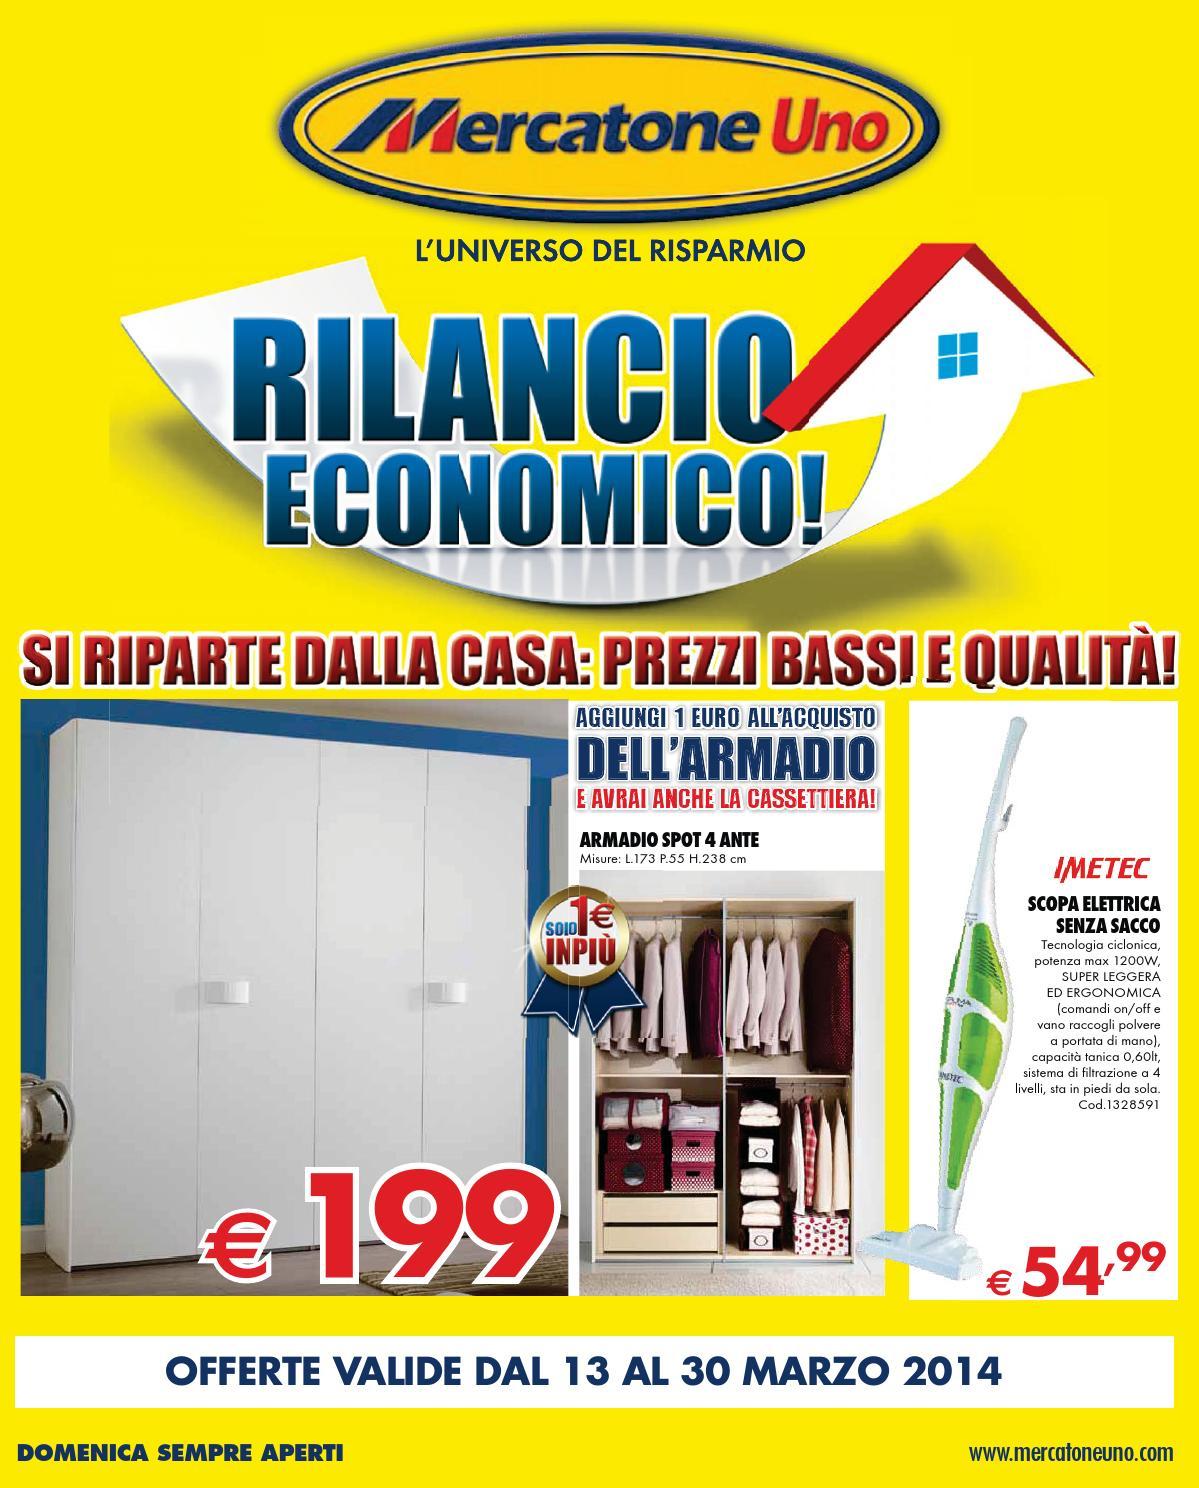 Mercatone Uno Guardaroba.Mercatone Uno Rilancio Economico By Mobilpro Issuu